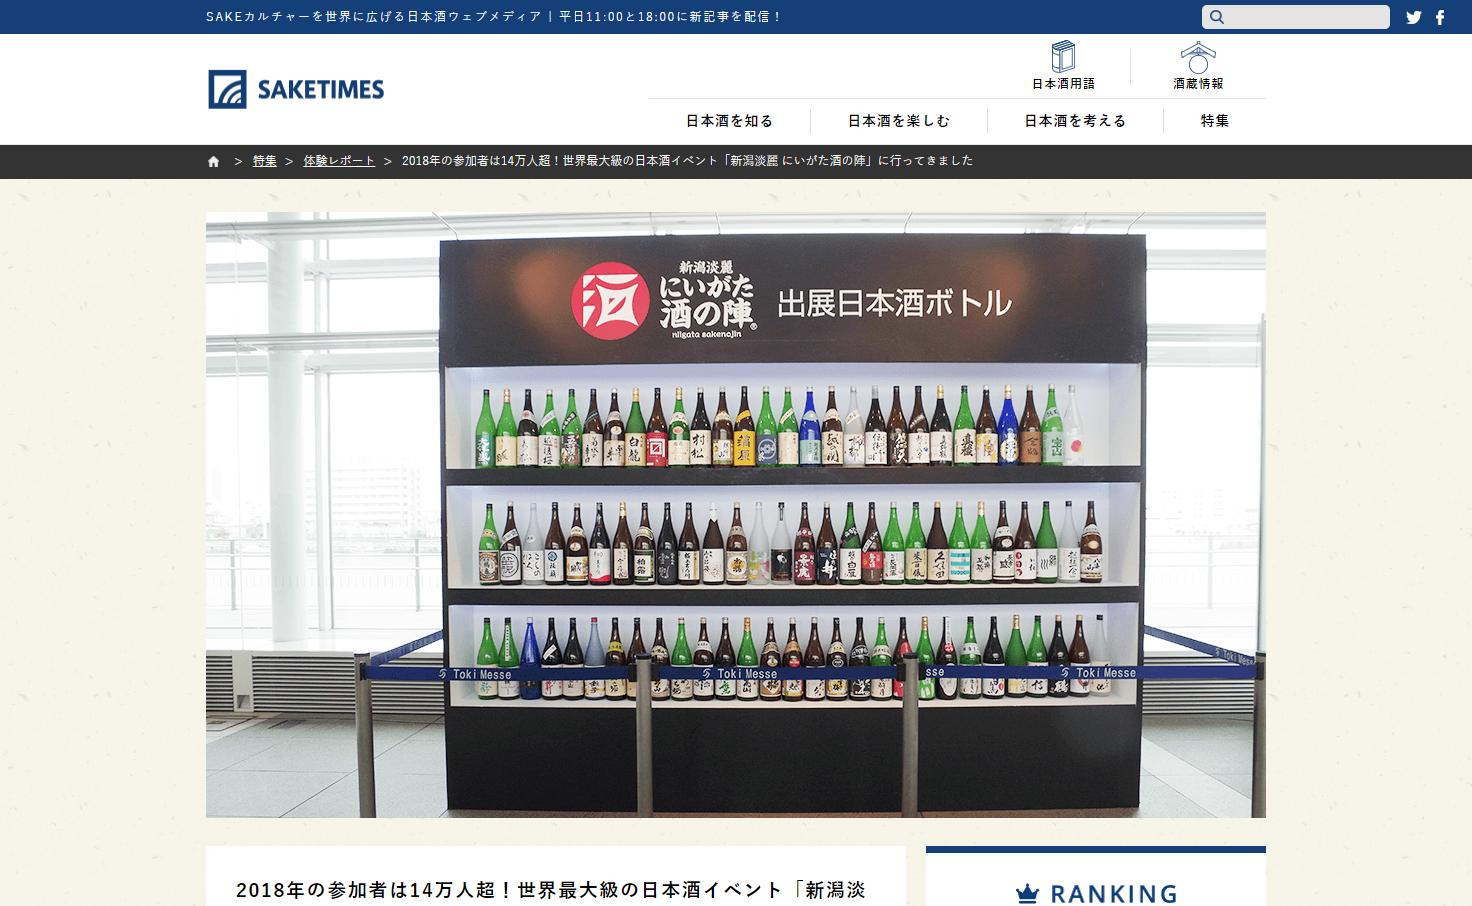 日本酒ウェブメディア「SAKETIMES」新潟淡麗 にいがた酒の陣2018レポート掲載